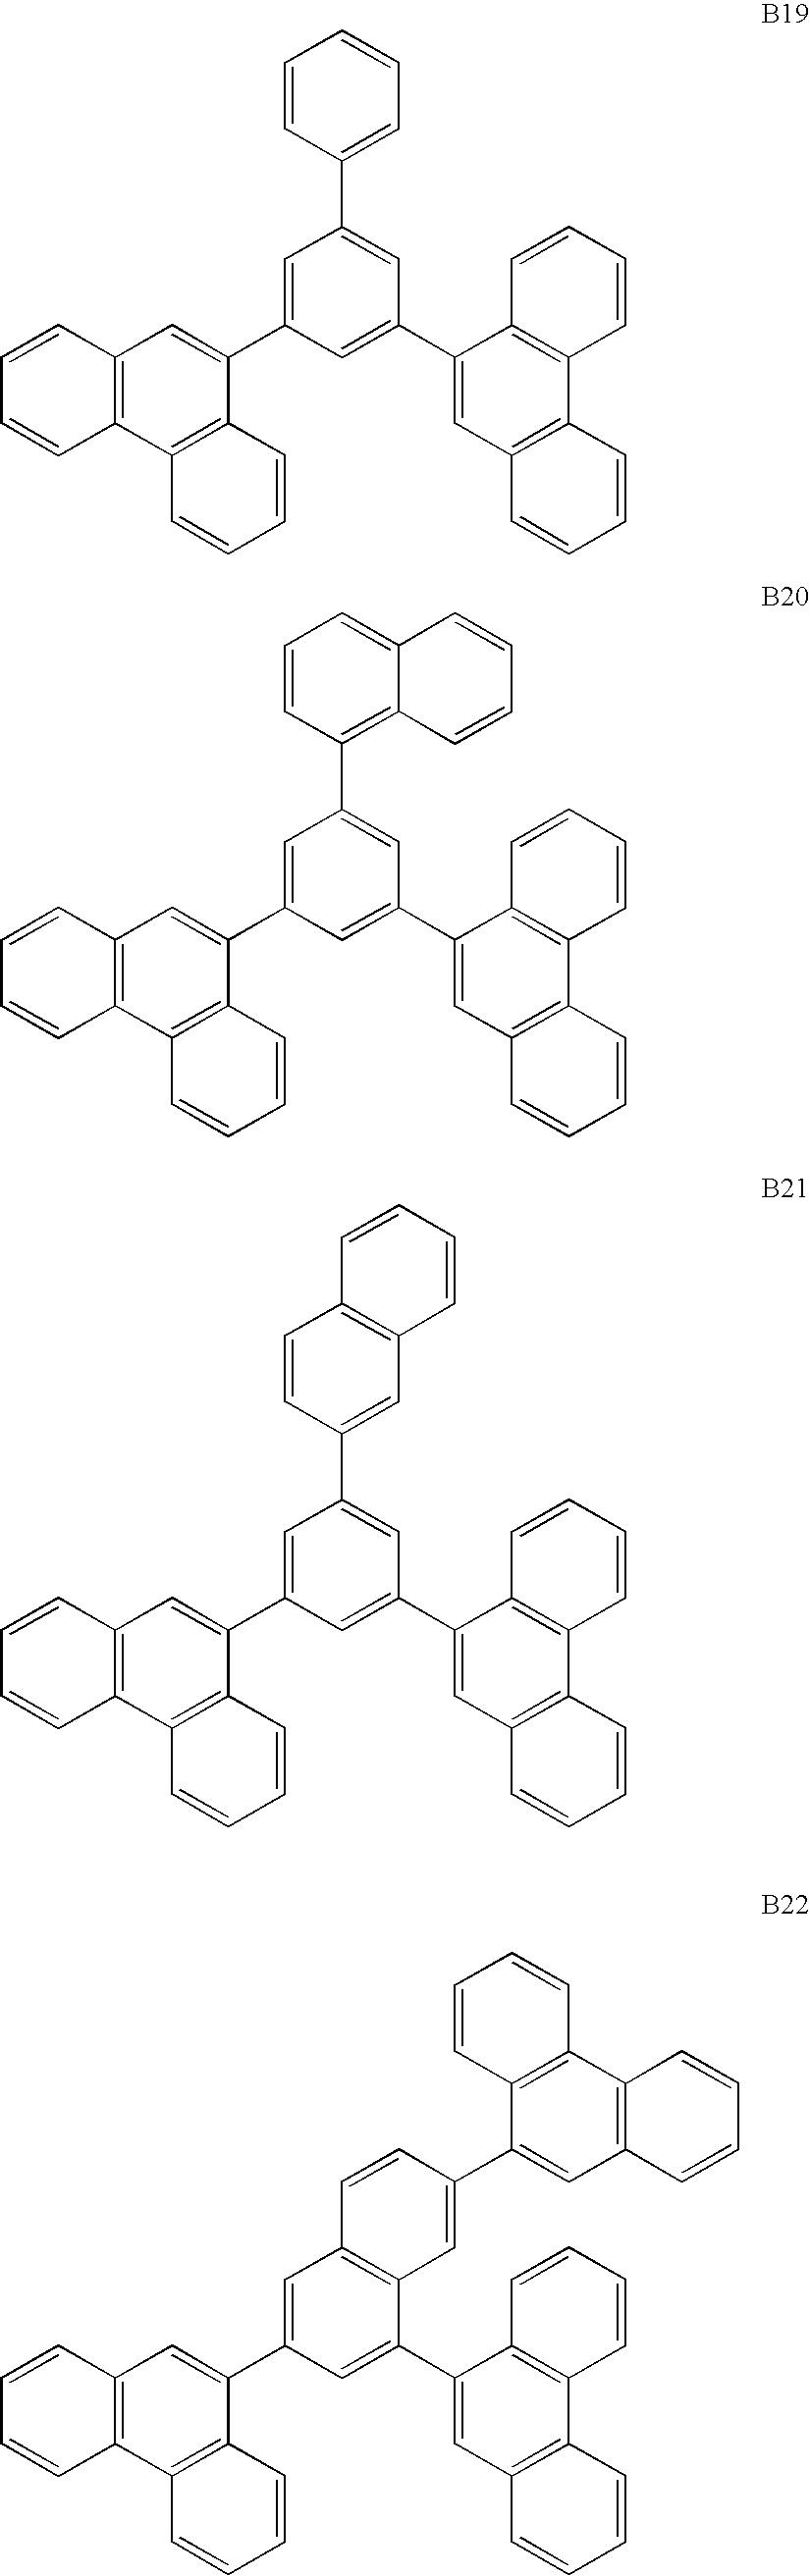 Figure US08779655-20140715-C00010